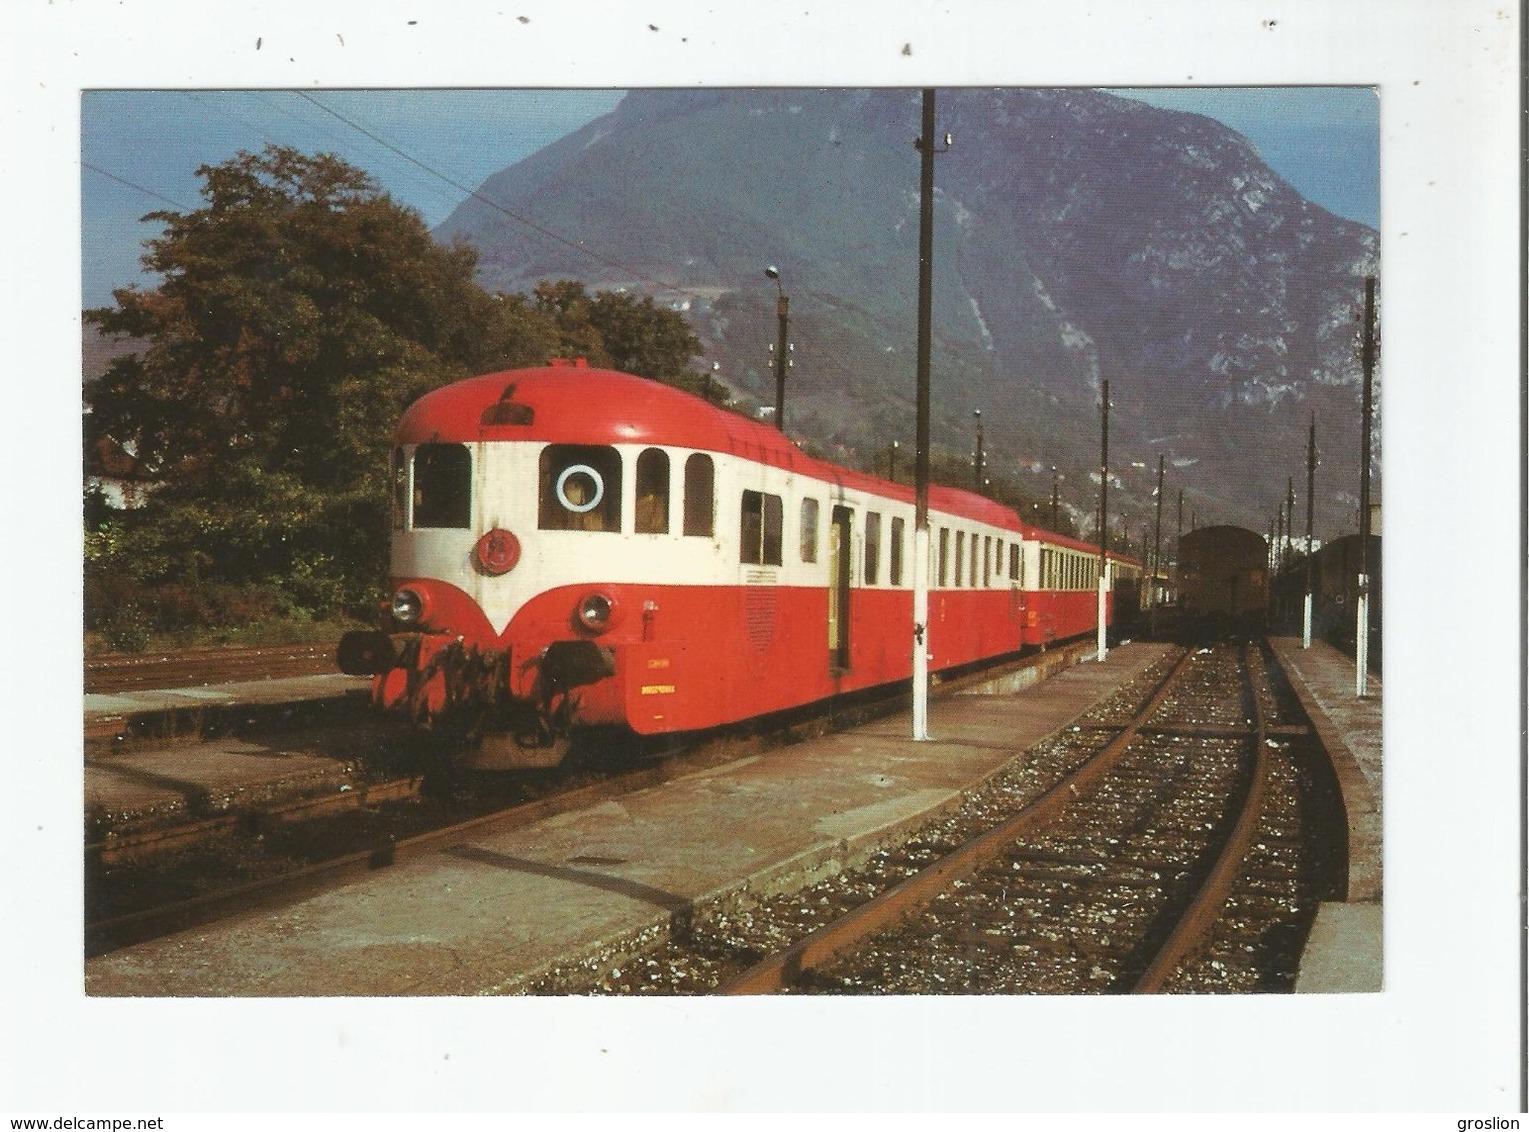 GRENOBLE NOVEMBRE 1971 AUTORAIL DECAUVILLE X 52 000 (1) - Grenoble